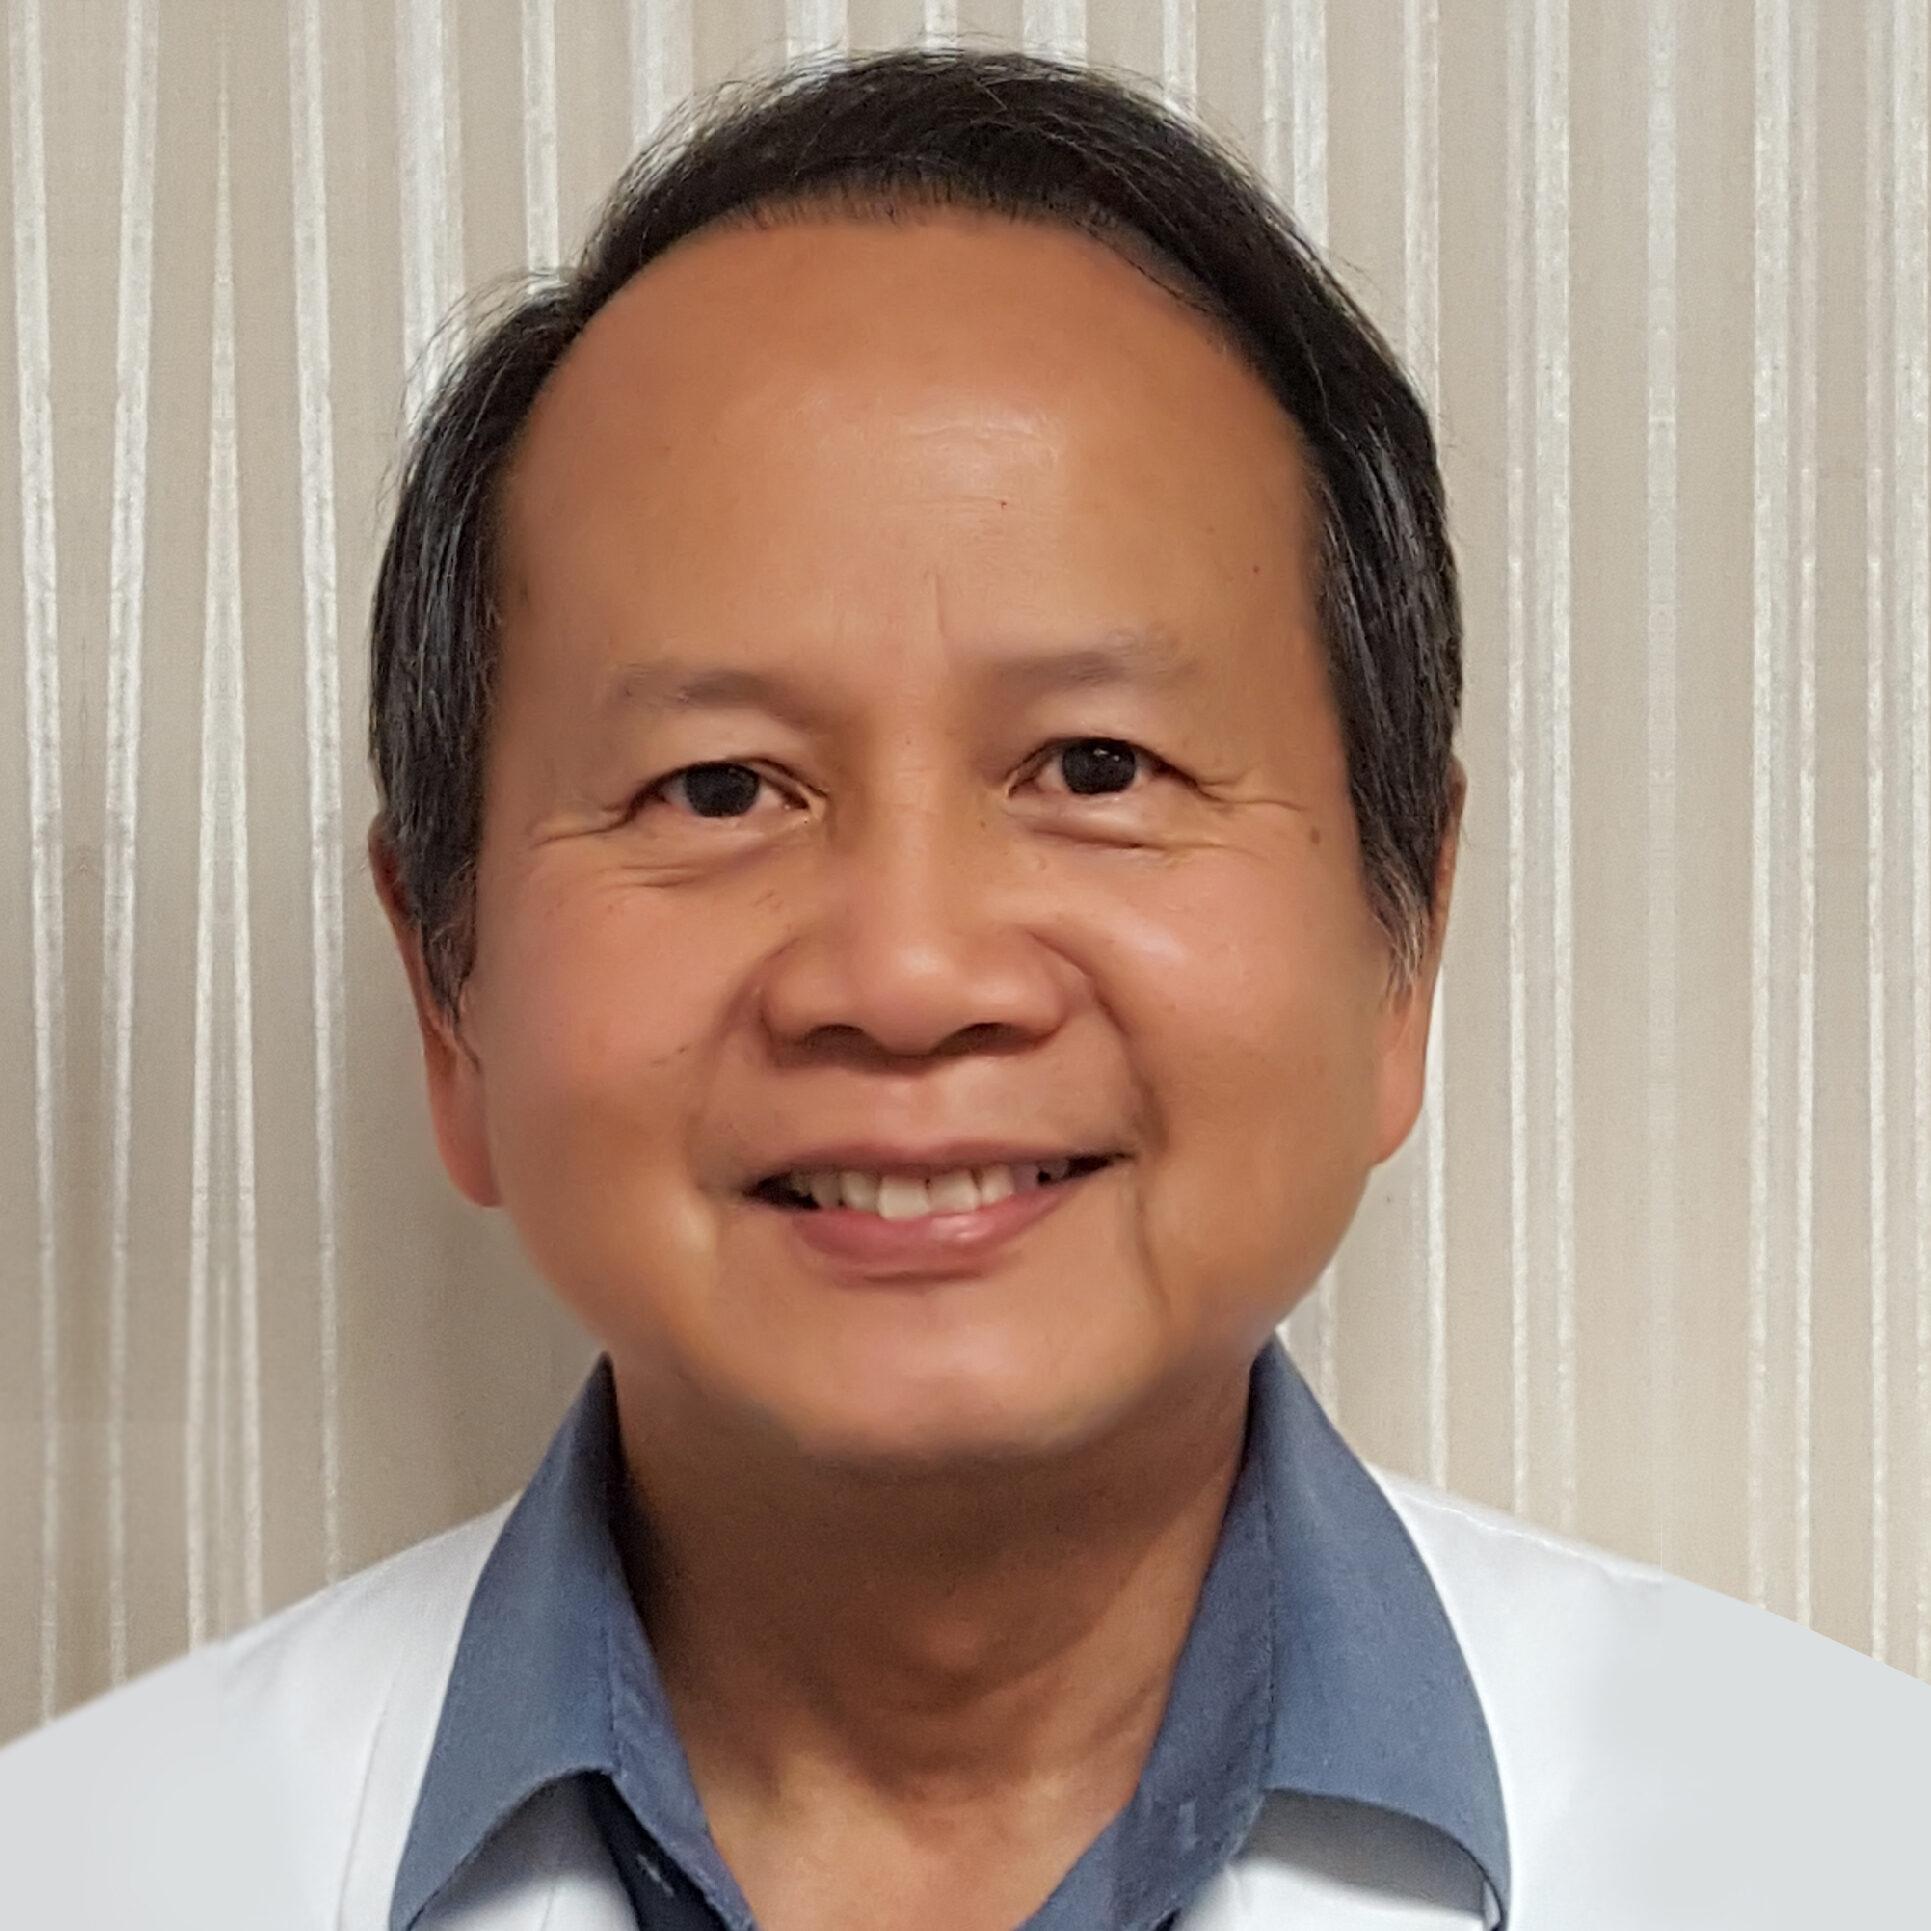 Dr. Casabar1